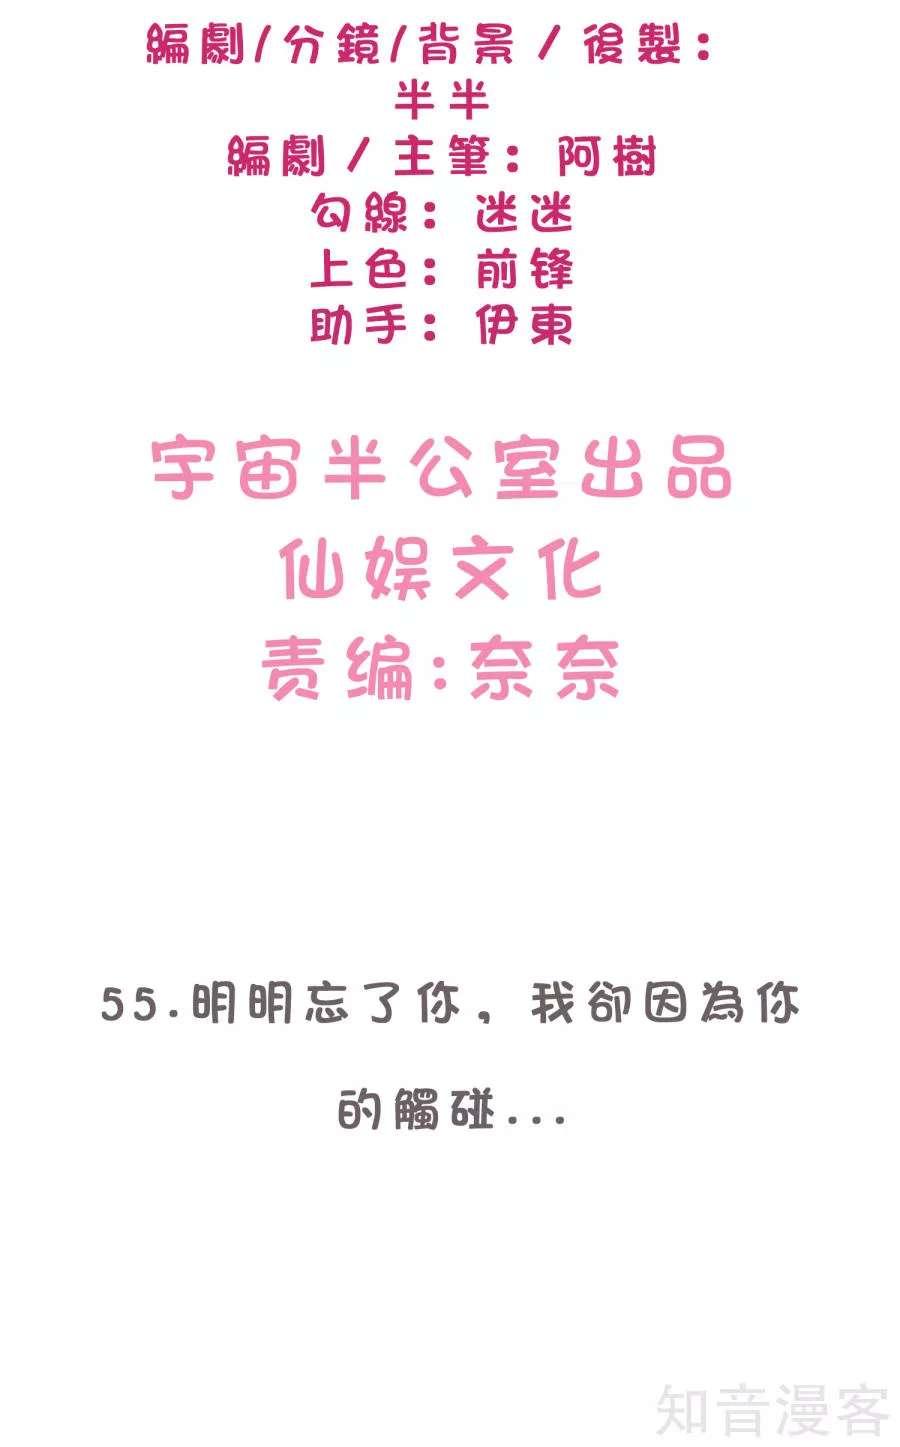 梦魇总裁的专属甜点第61话  55话 明明忘了你,却因为你的触碰…… 第 2